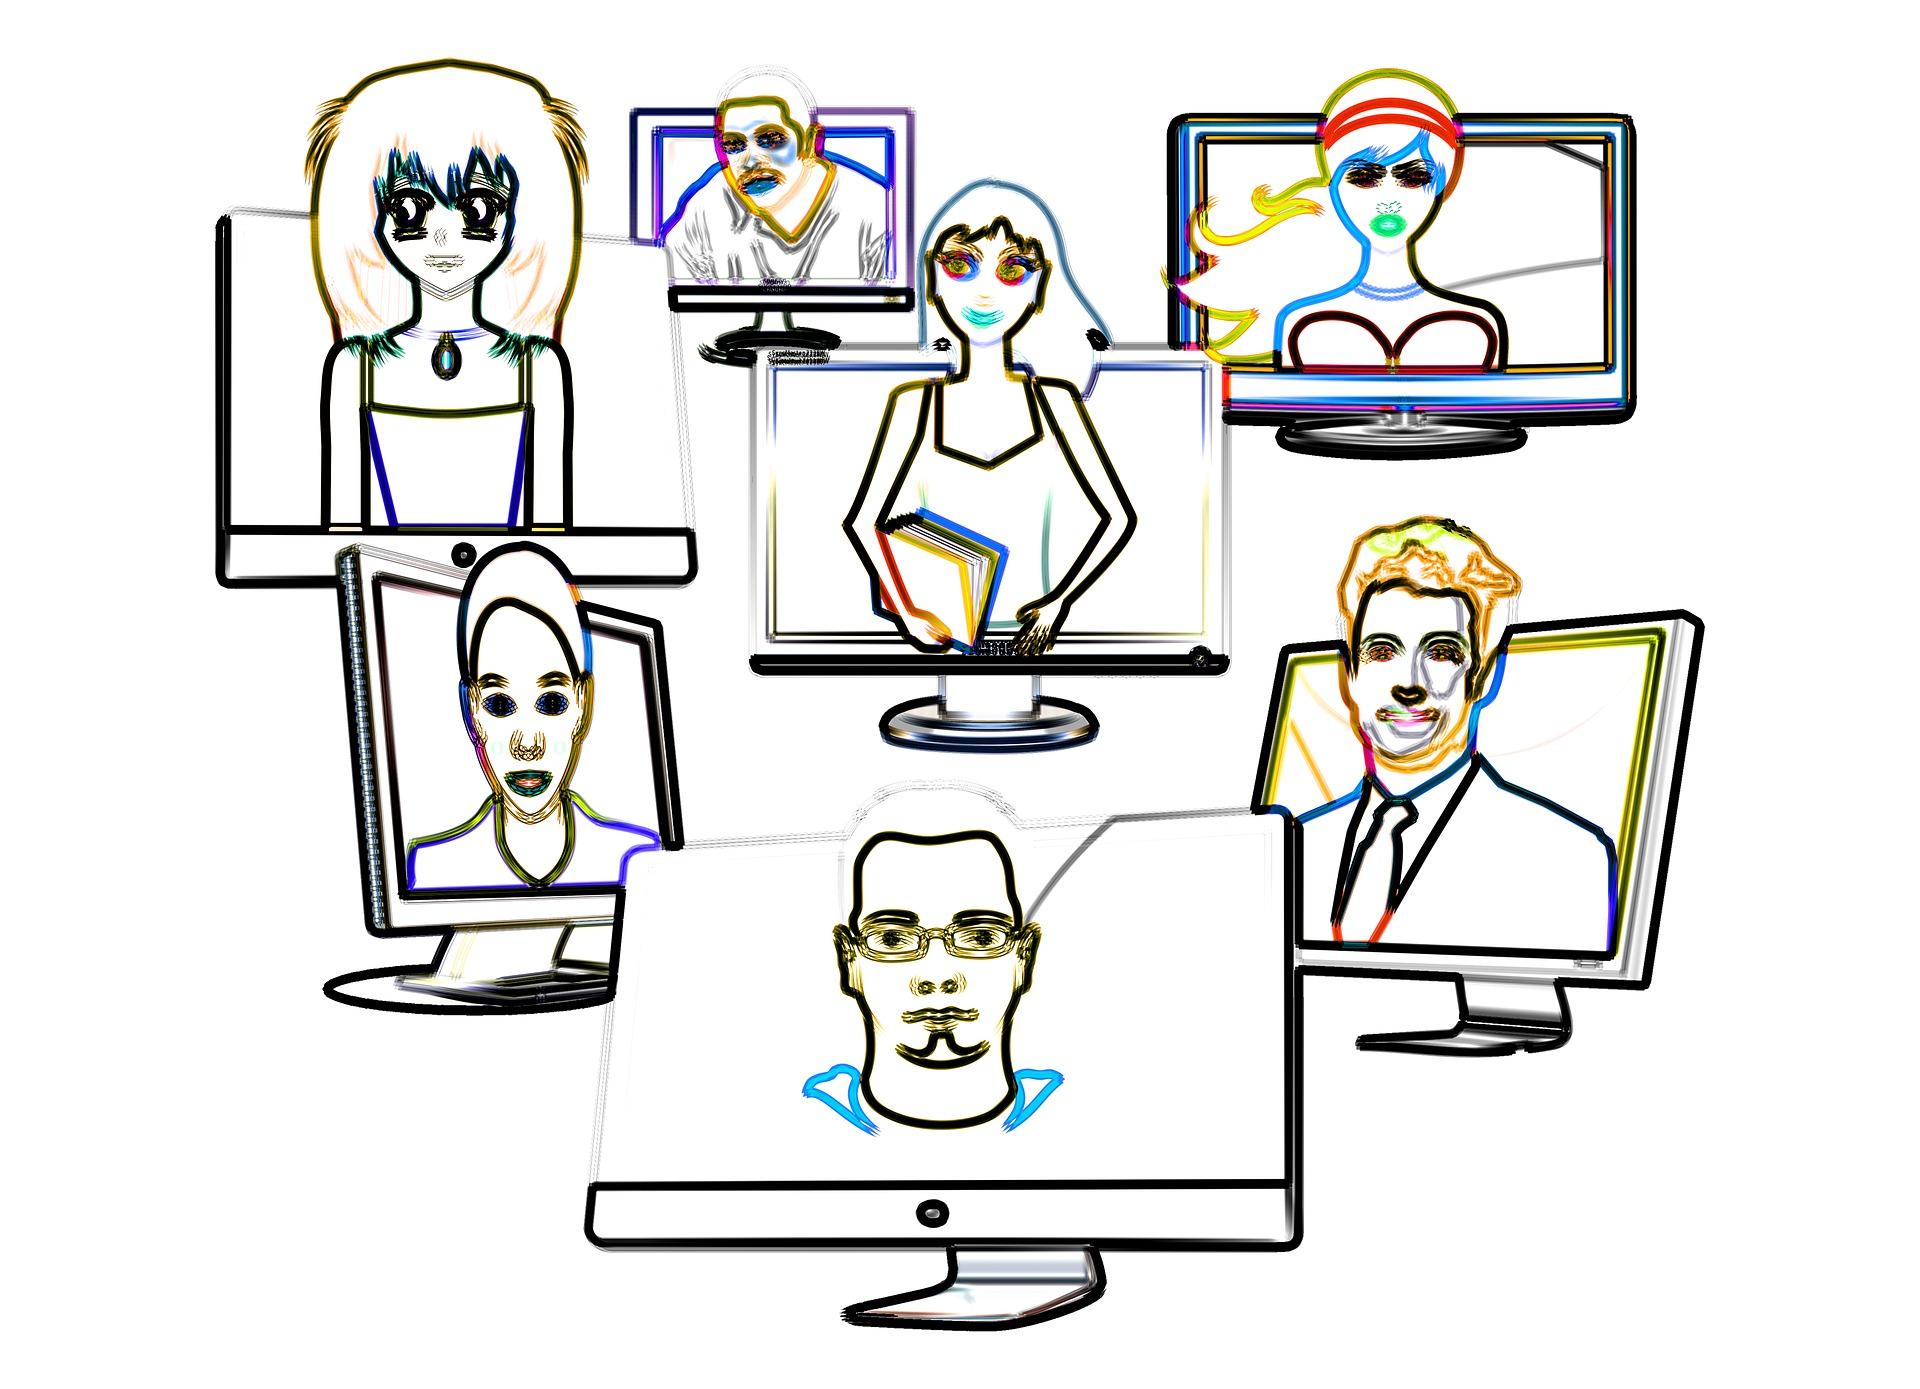 Virtuella medarbetare - personal online